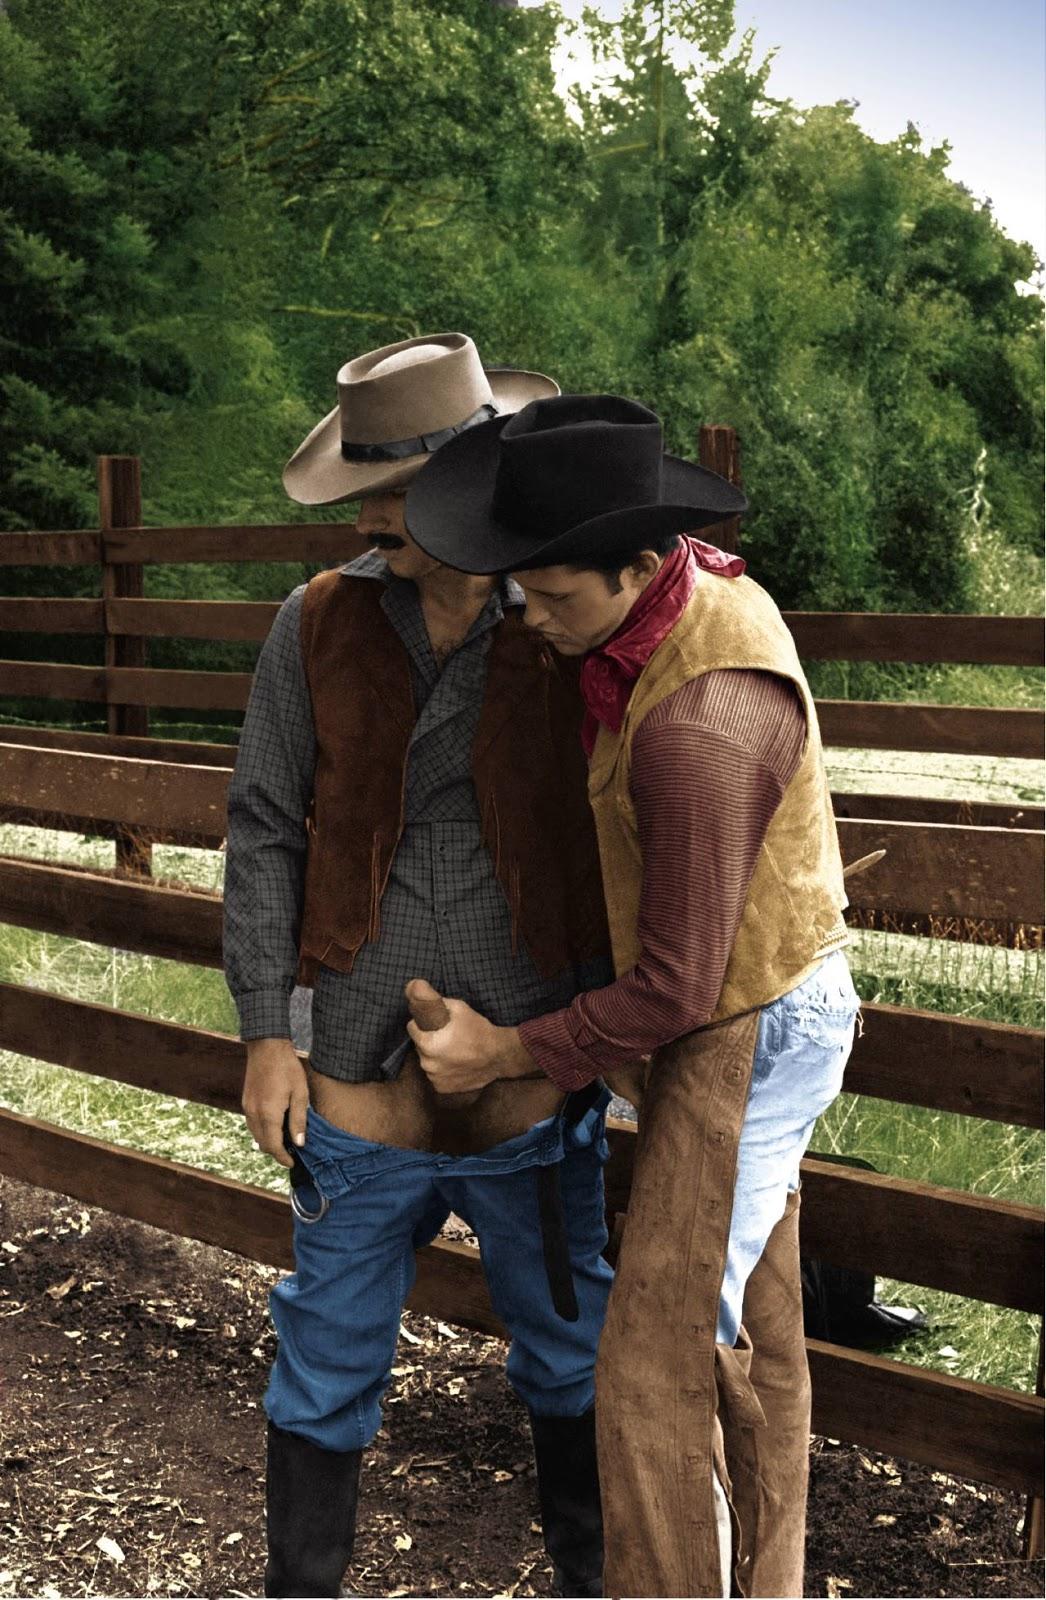 Riding me cowboy style